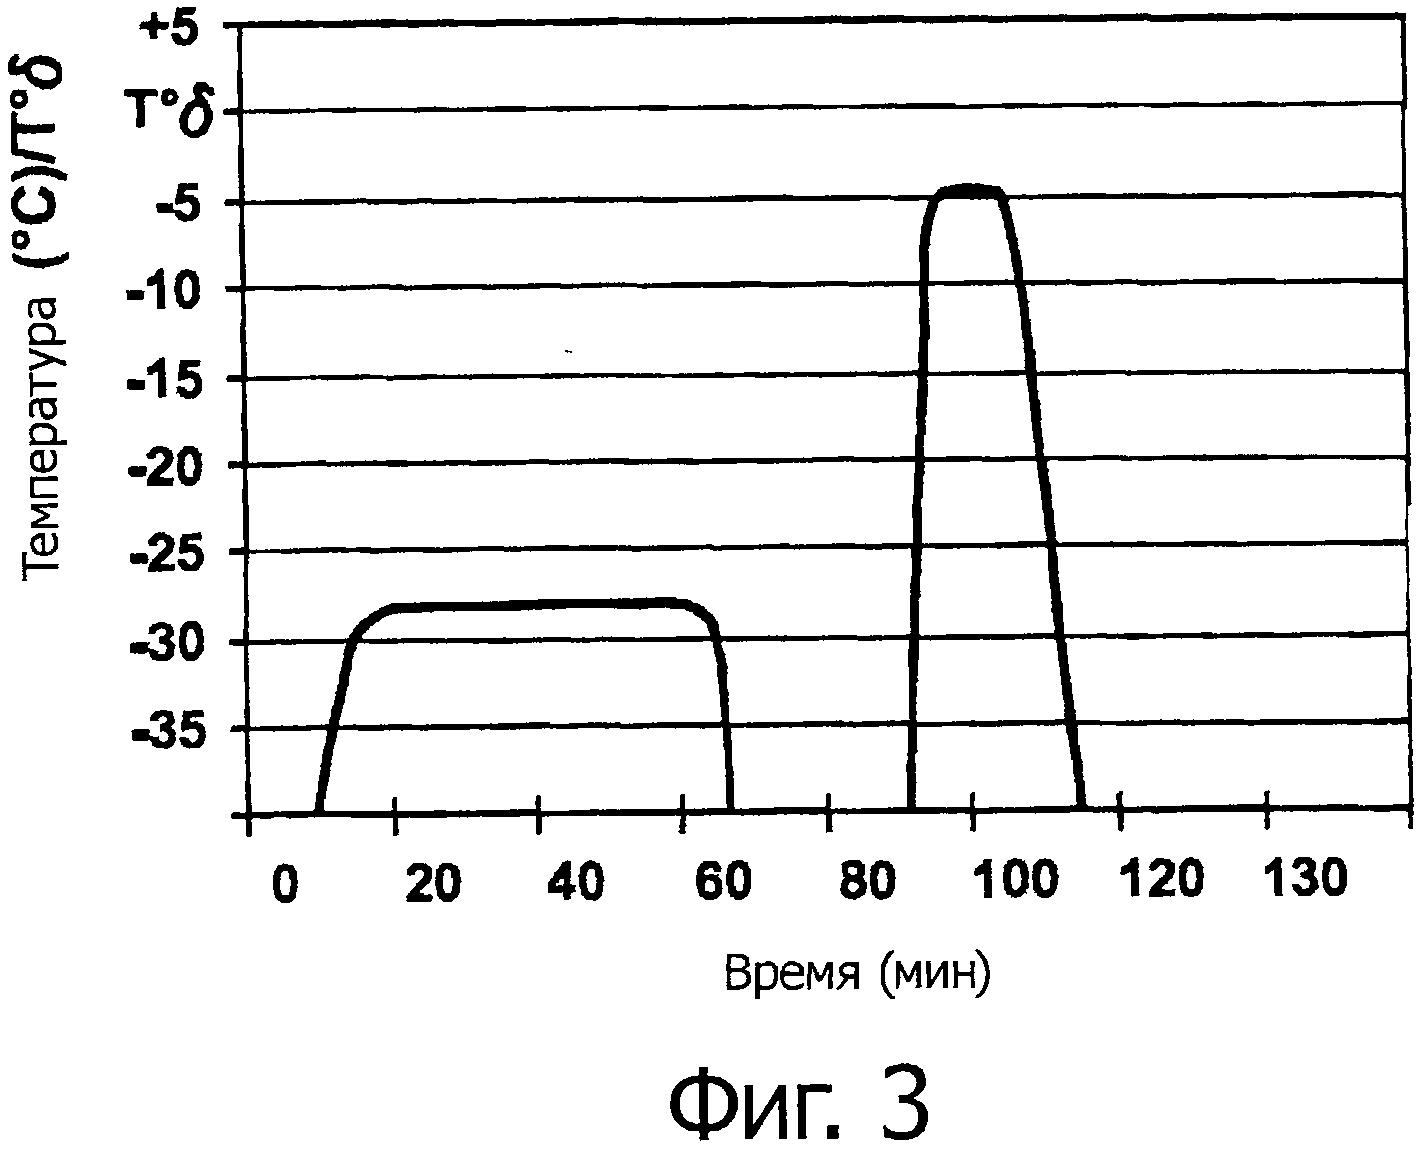 Способ изготовления детали из суперсплава на основе никеля и деталь, полученная указанным способом